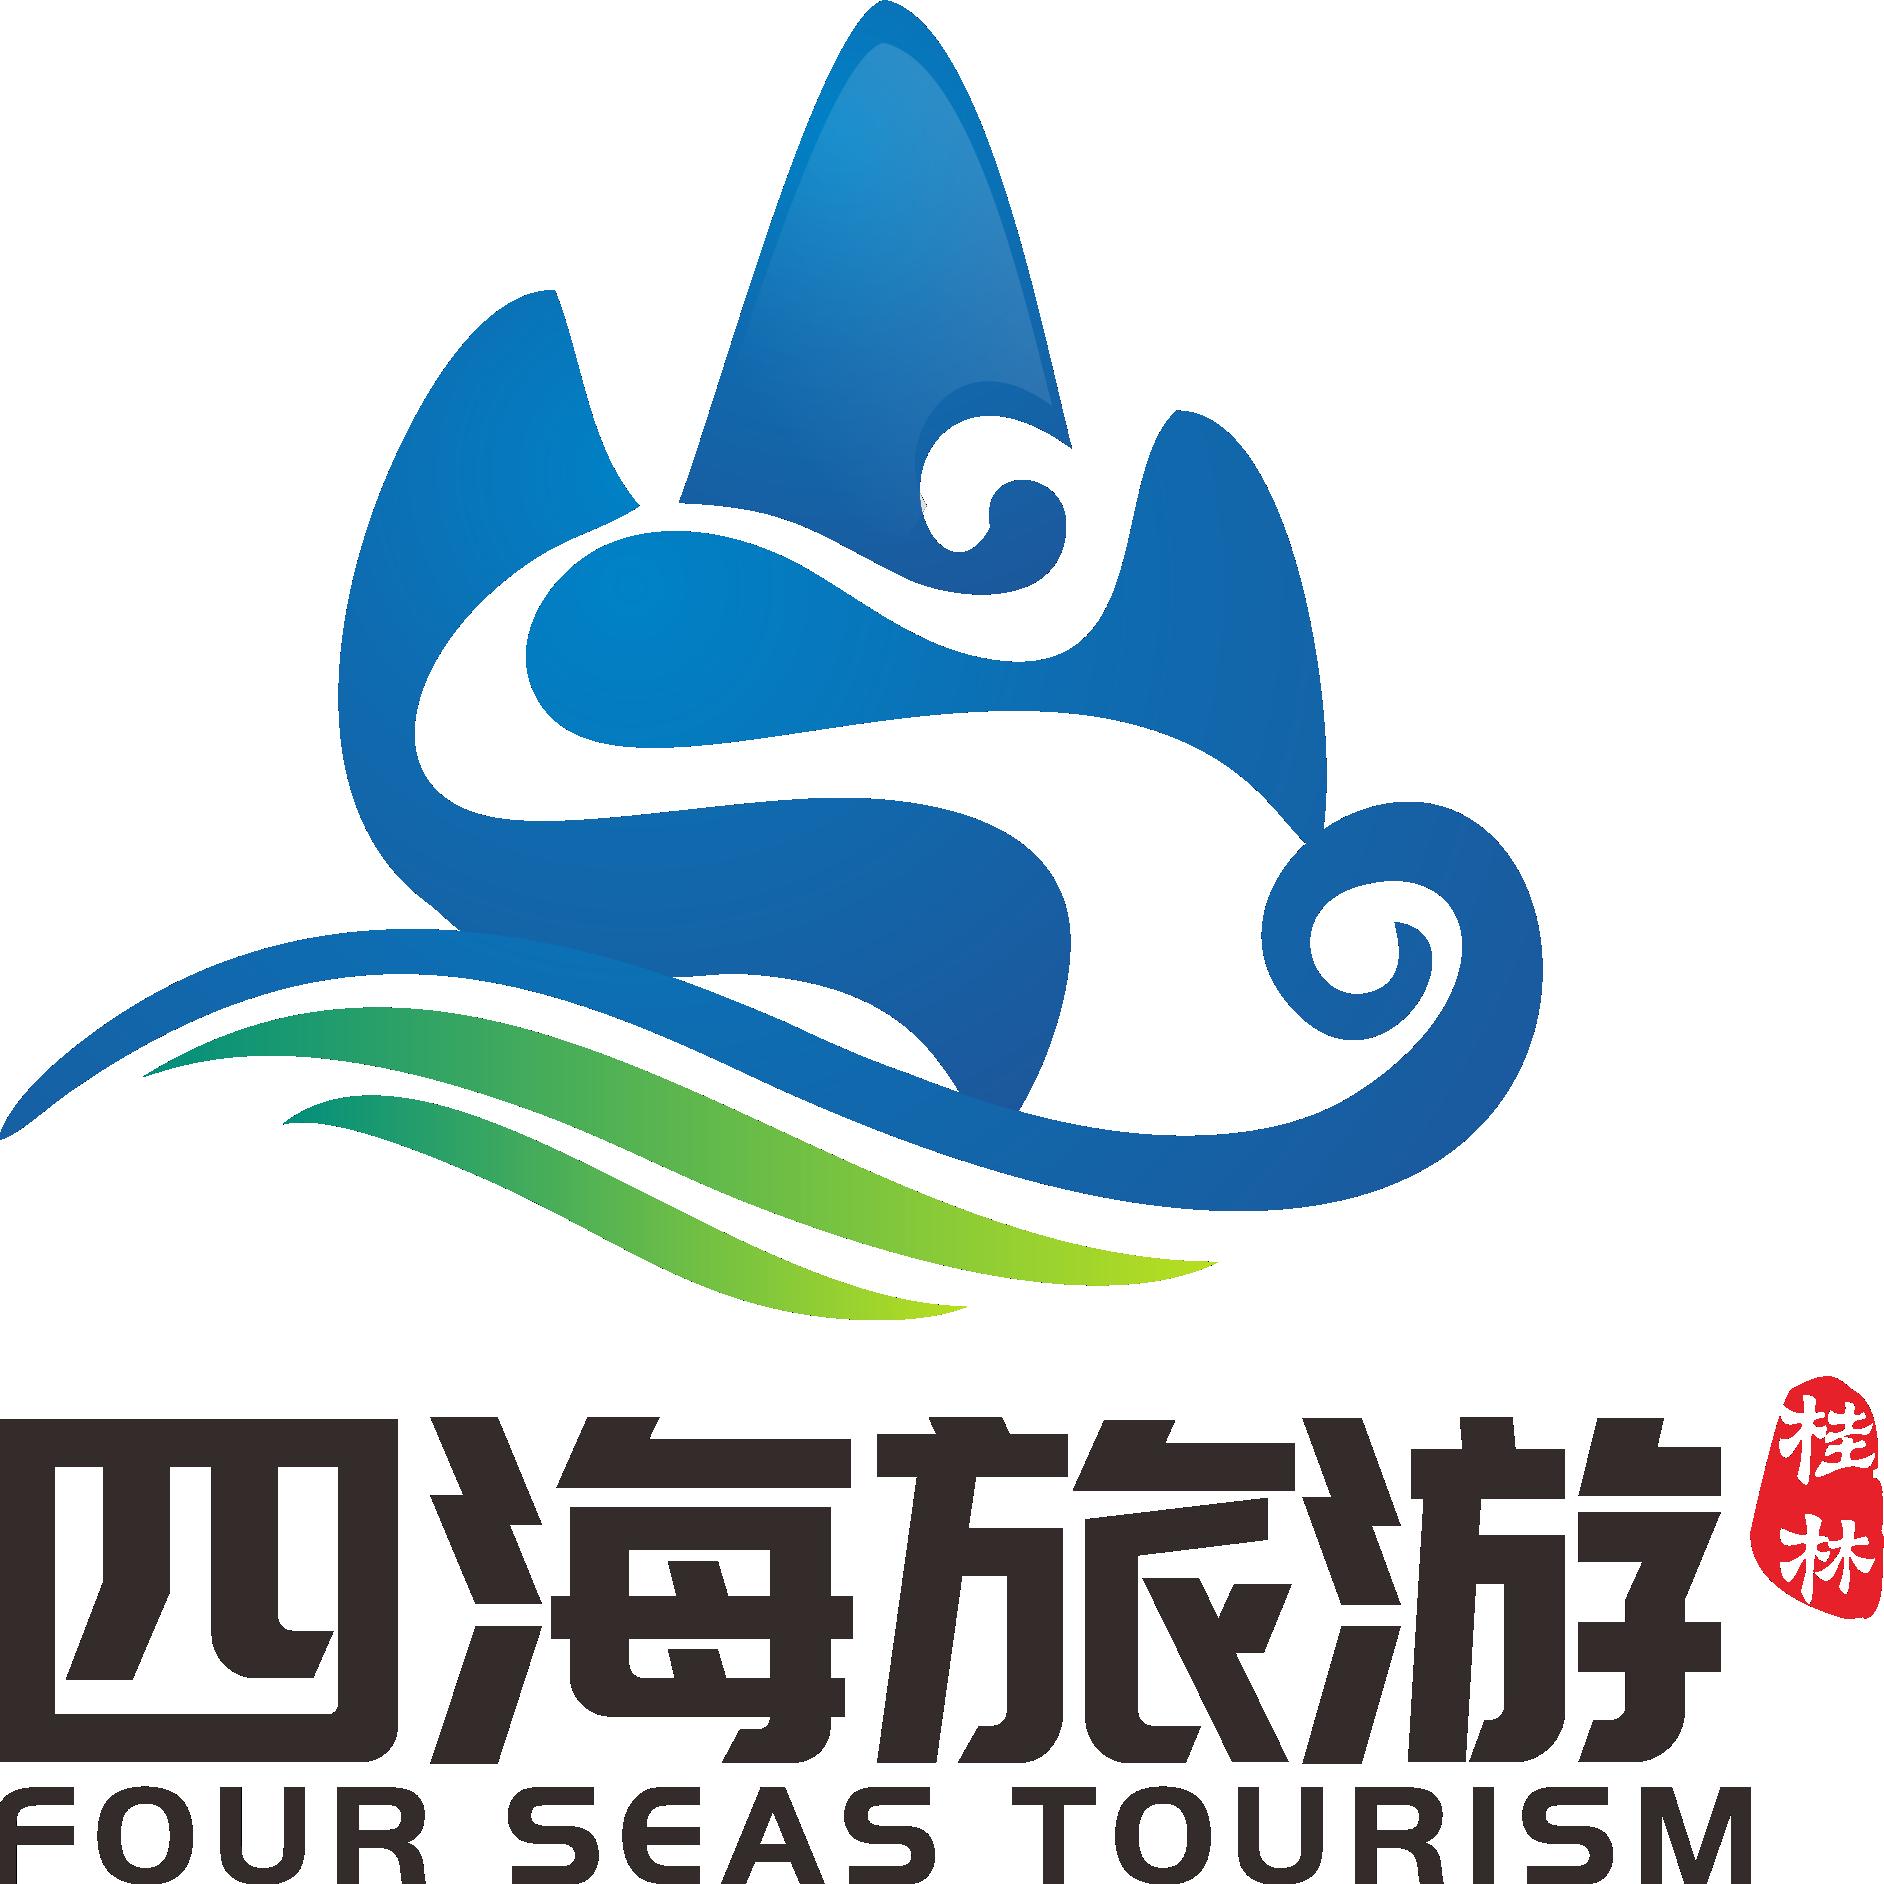 【四海国旅】桂林四海国际旅行社有限公司招聘:公司标志 logo